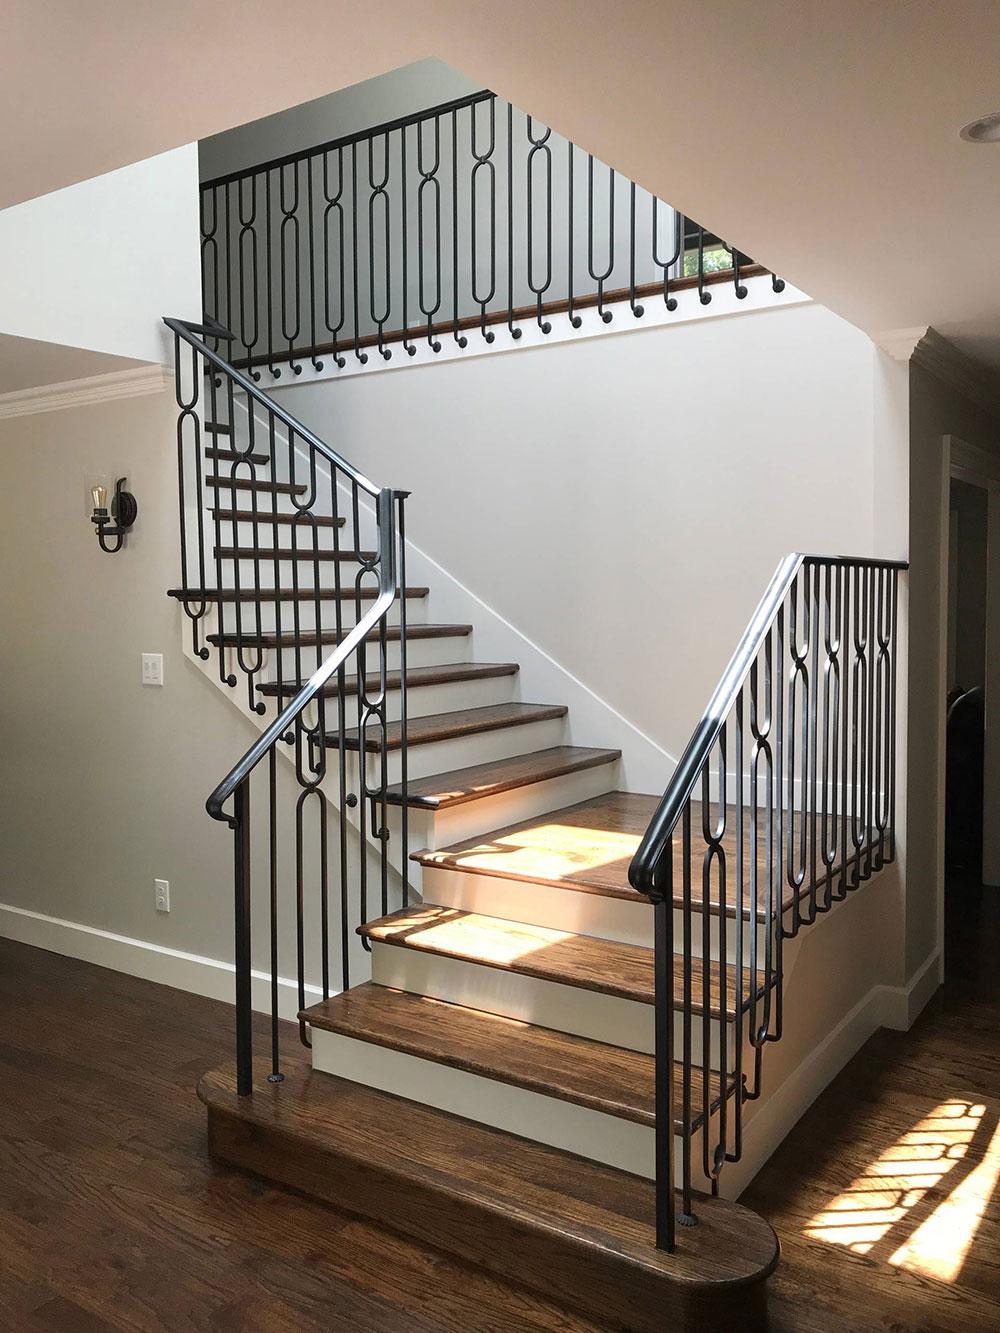 Greenwich-by-Ellyn-Amador-Architect Les différents types d'escaliers à connaître